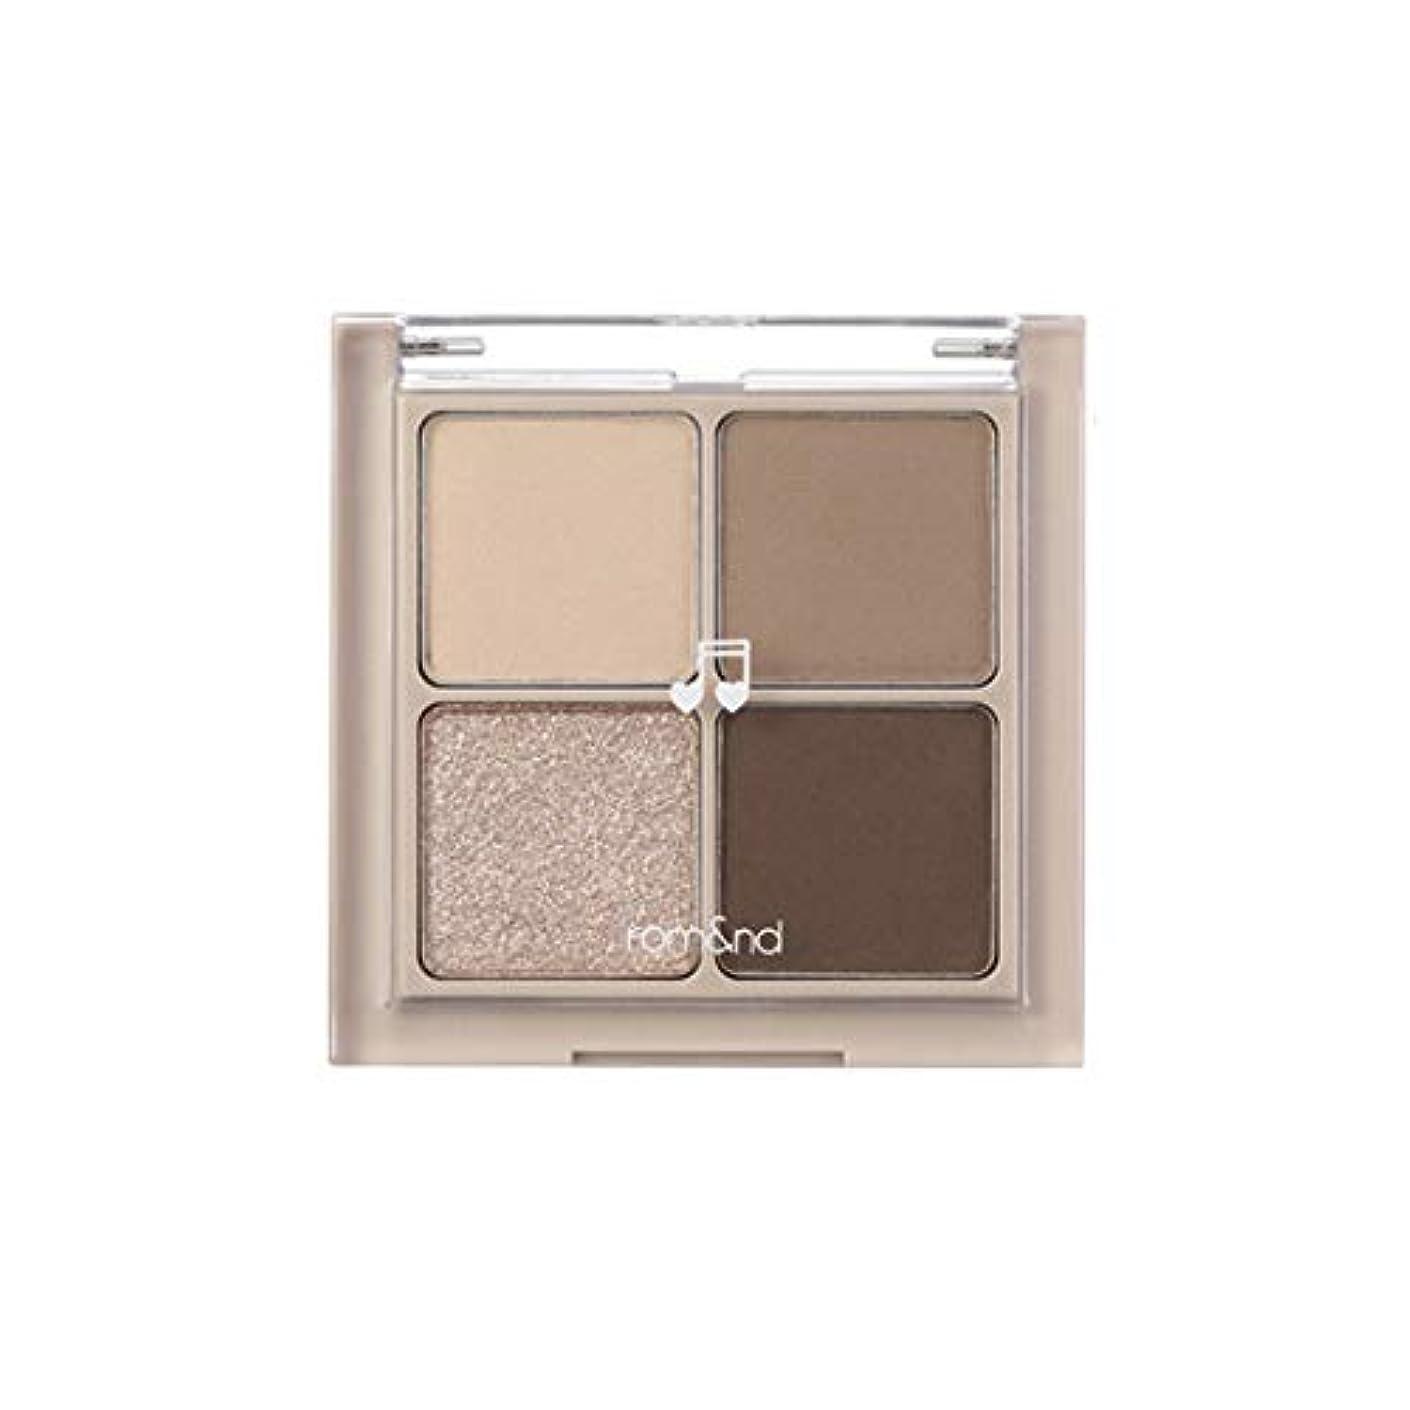 公式マーティフィールディング間違いrom&nd BETTER THAN EYES Eyeshadow Palette 4色のアイシャドウパレット # M2 DRY buckwheat flower(並行輸入品)